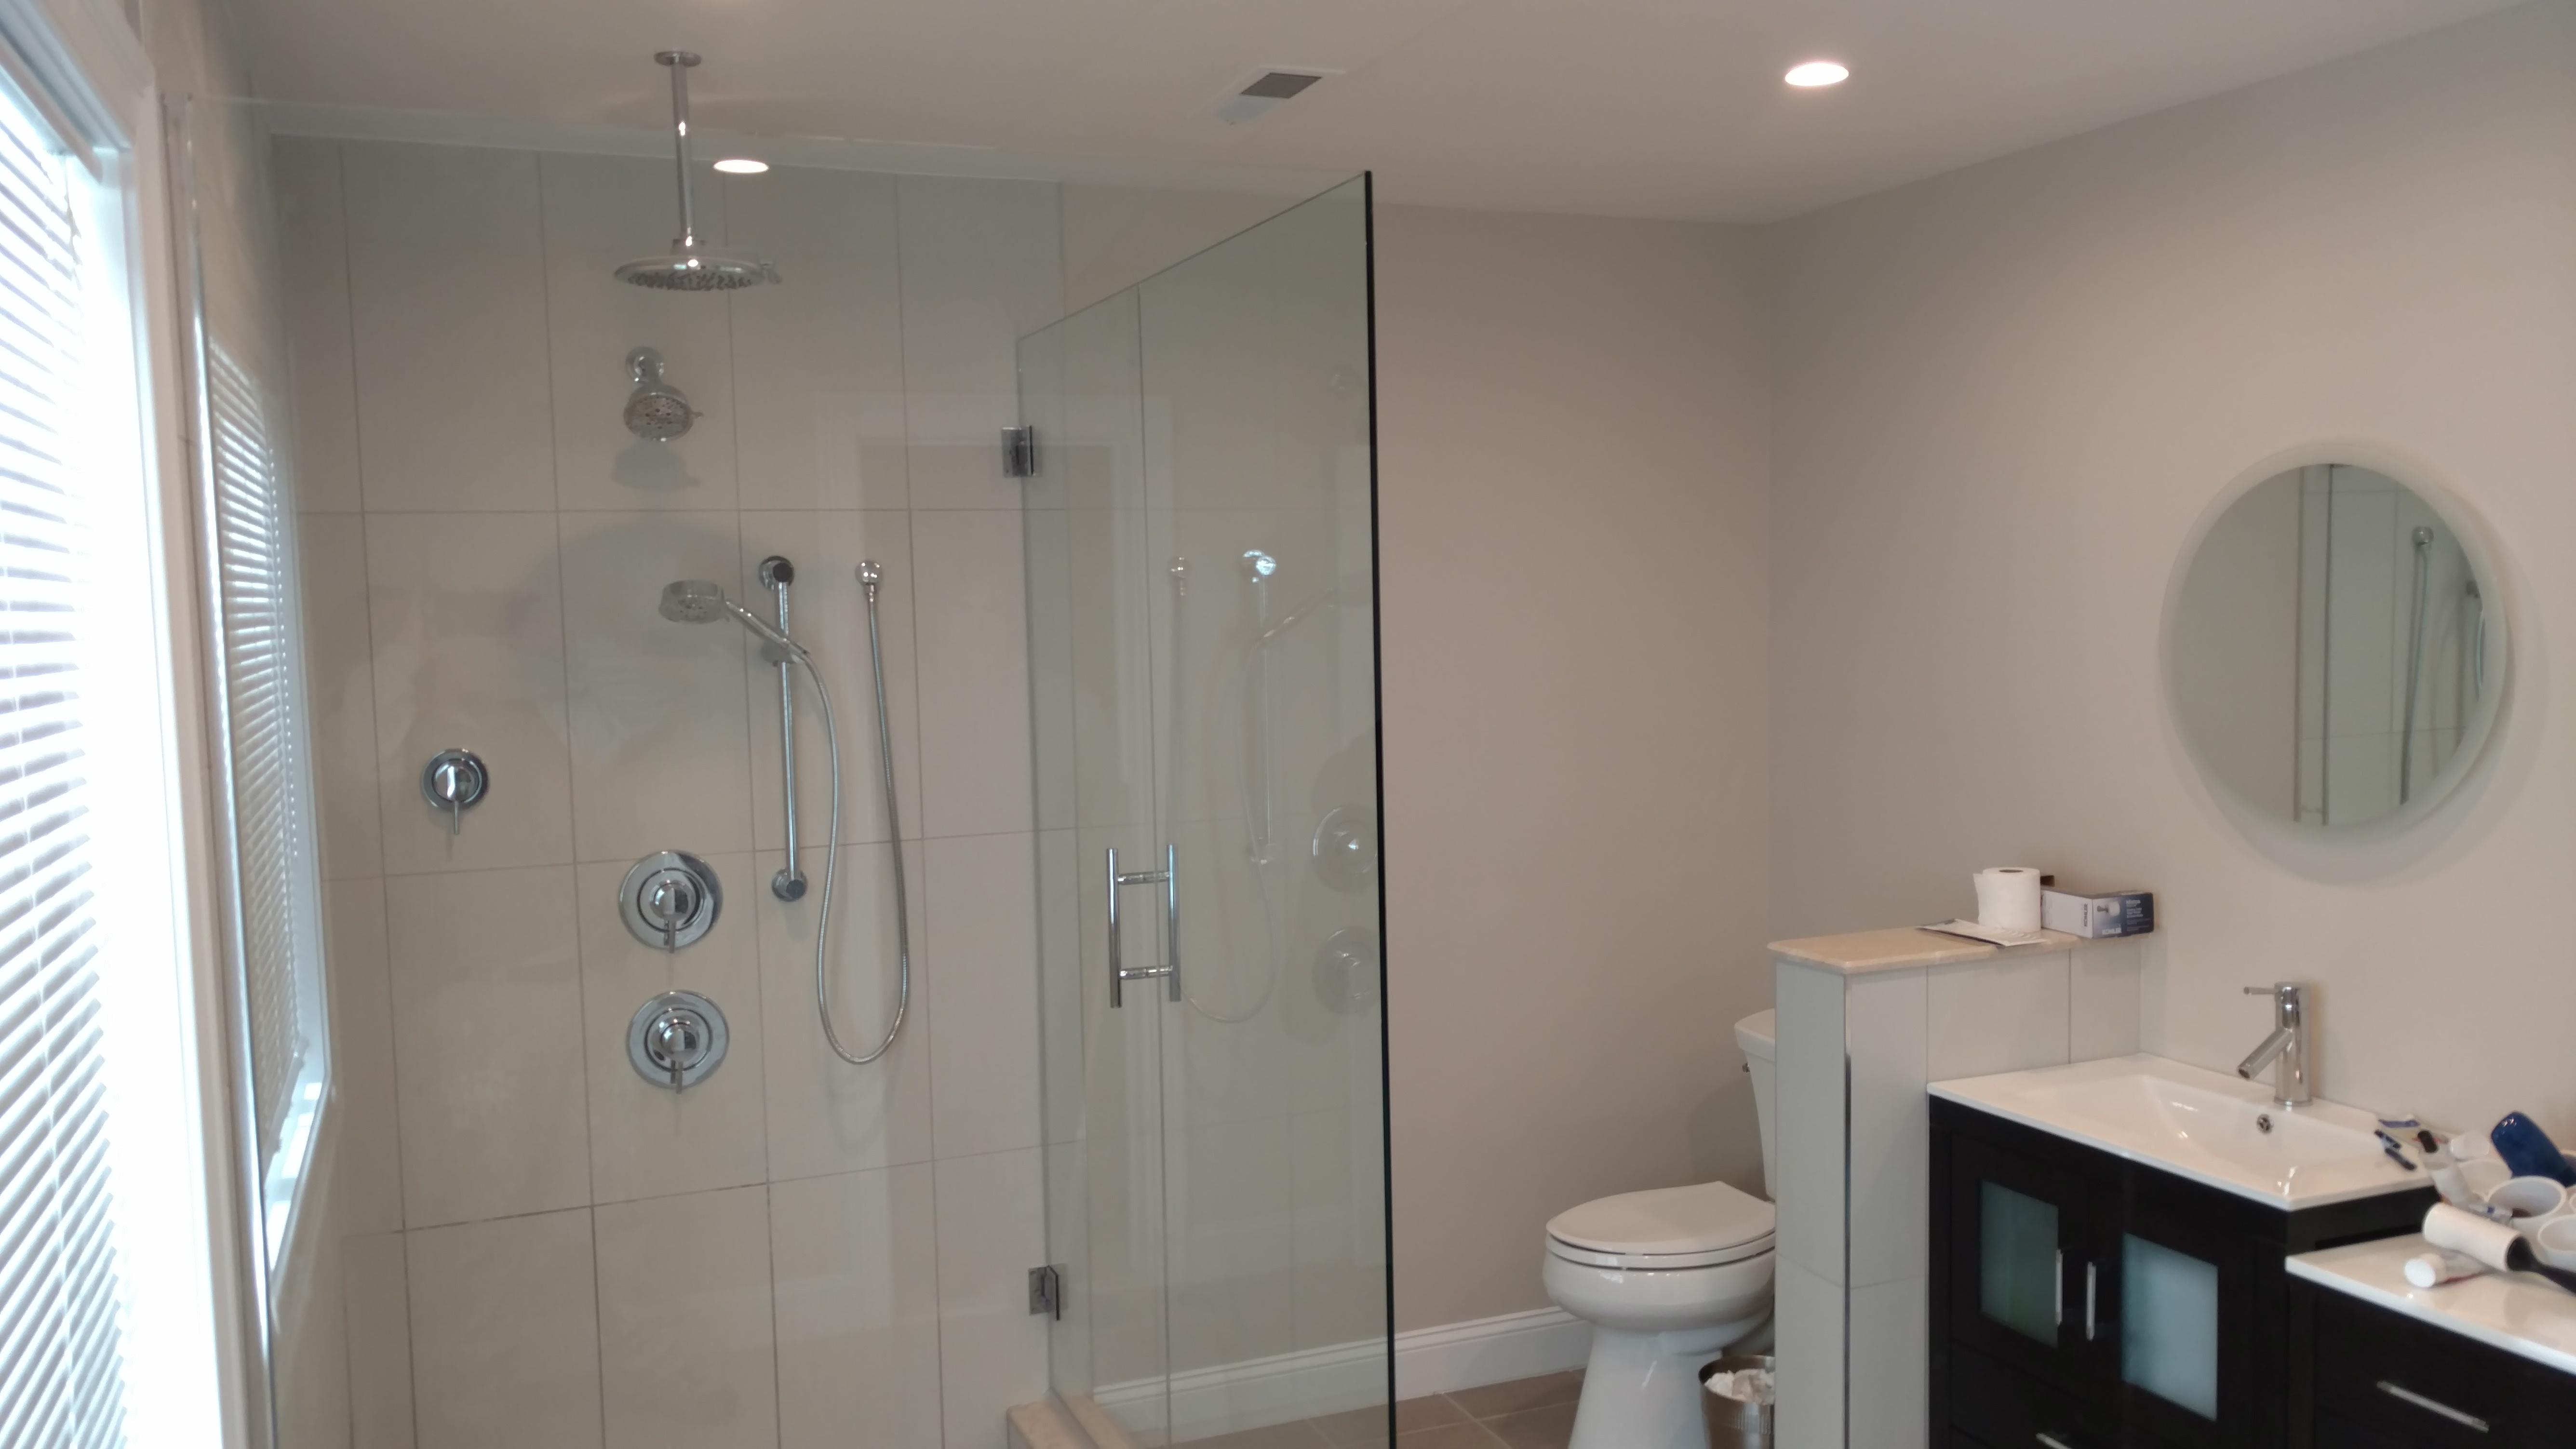 bathroom remodeling Torrington CT | Alan Dinsmoor Contracting